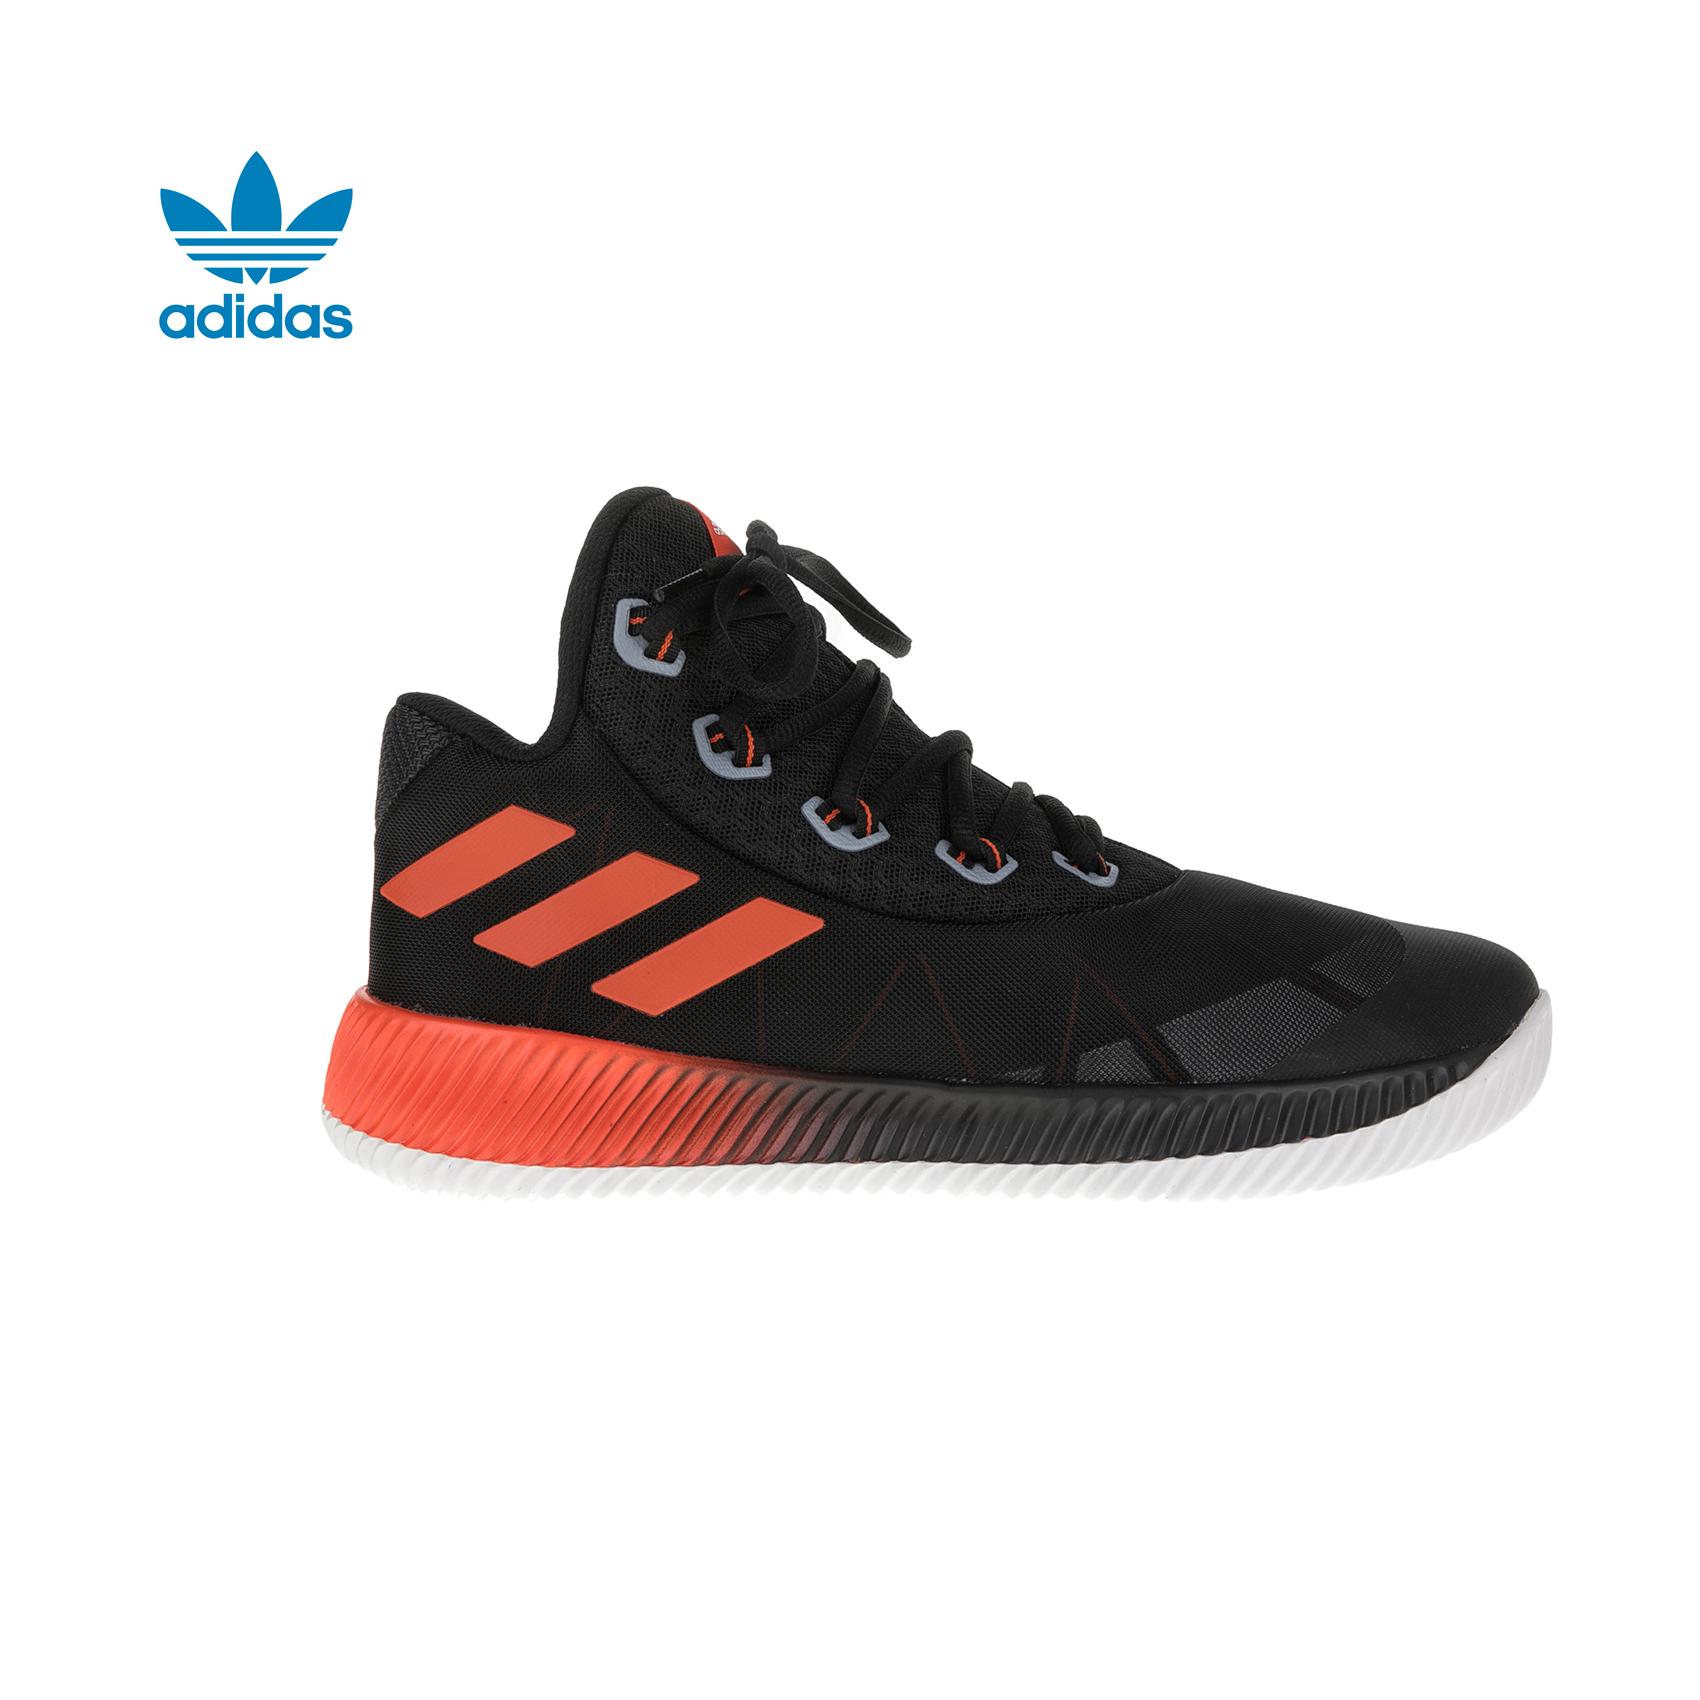 adidas Originals - Ανδρικά παπούτσια adidas Light Em Up 2017 μαύρα ανδρικά παπούτσια αθλητικά basketball